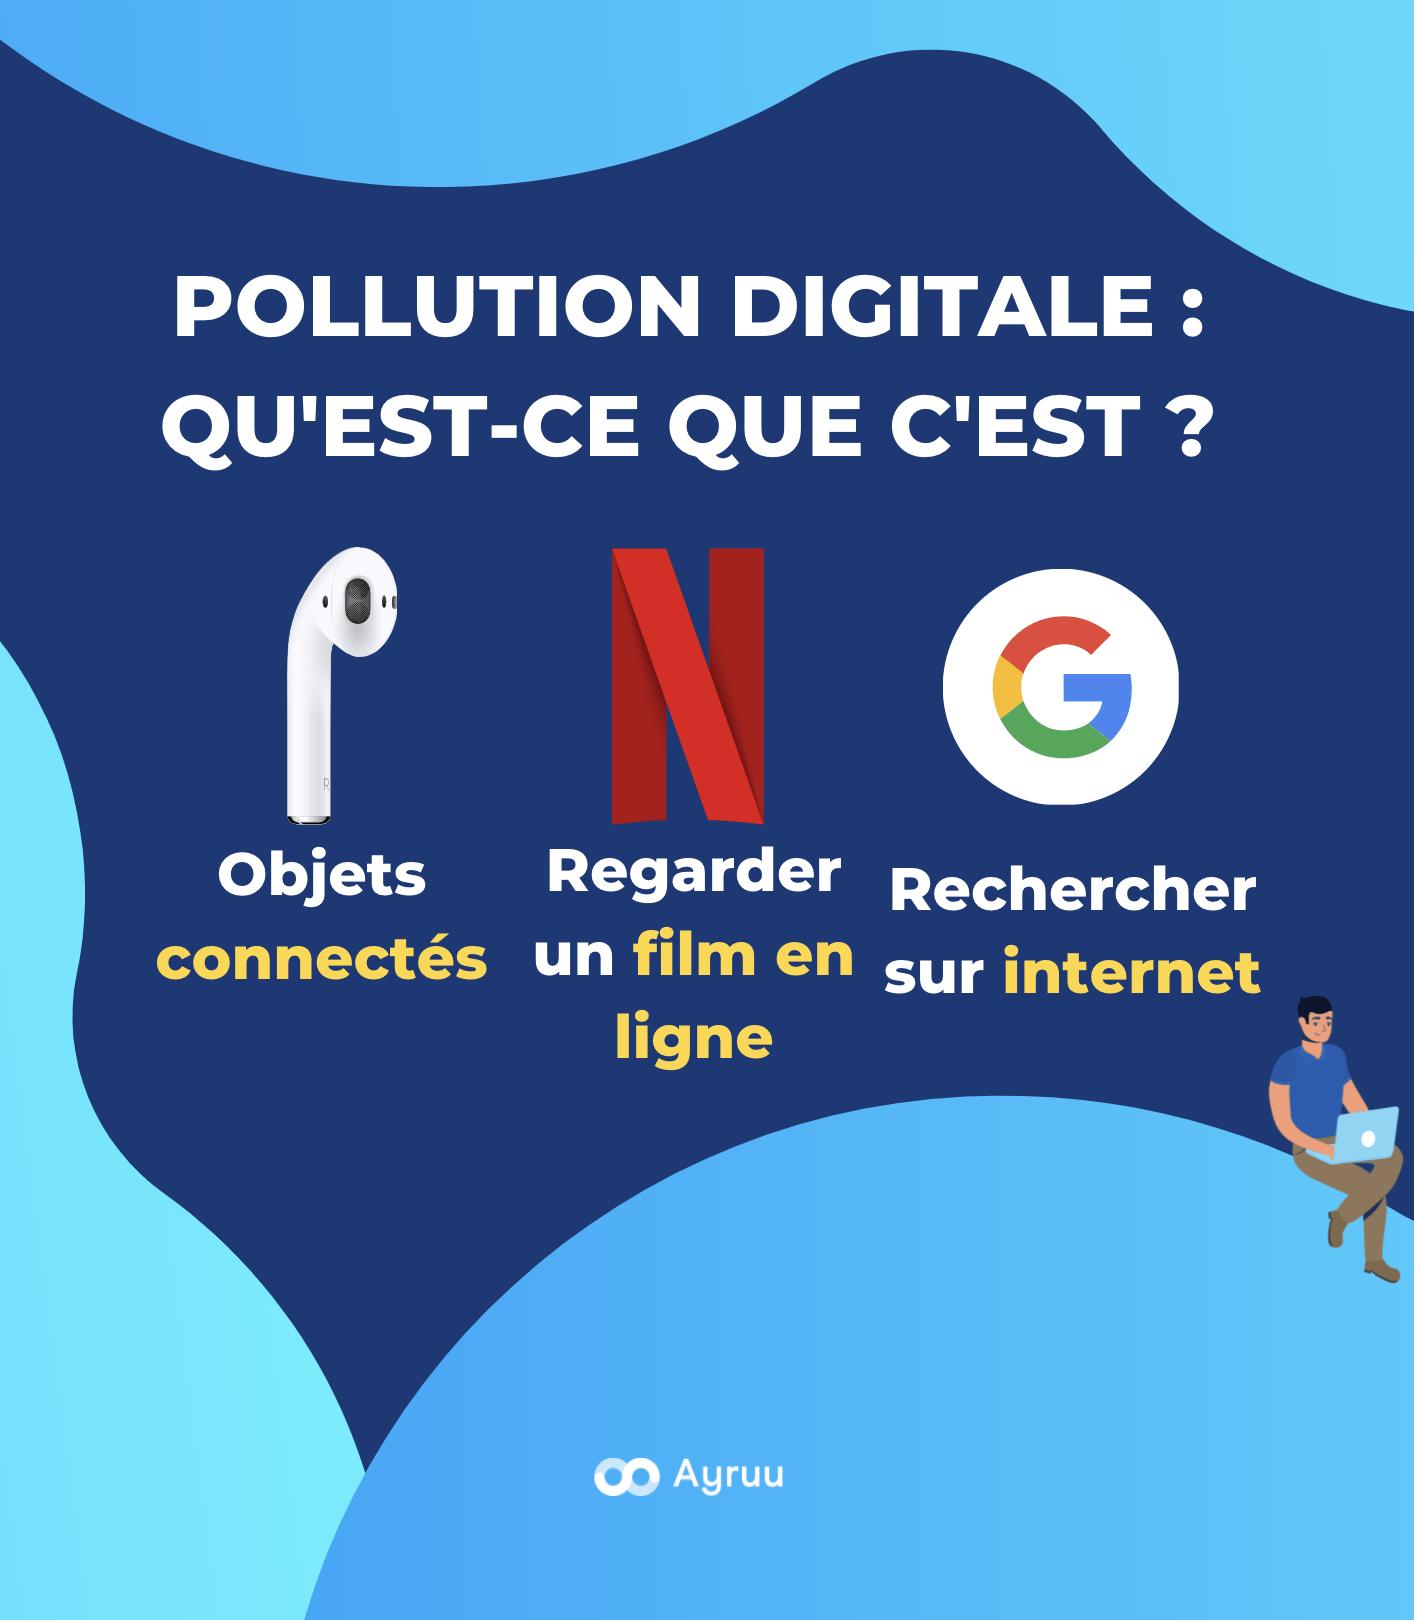 pollution digitale définition